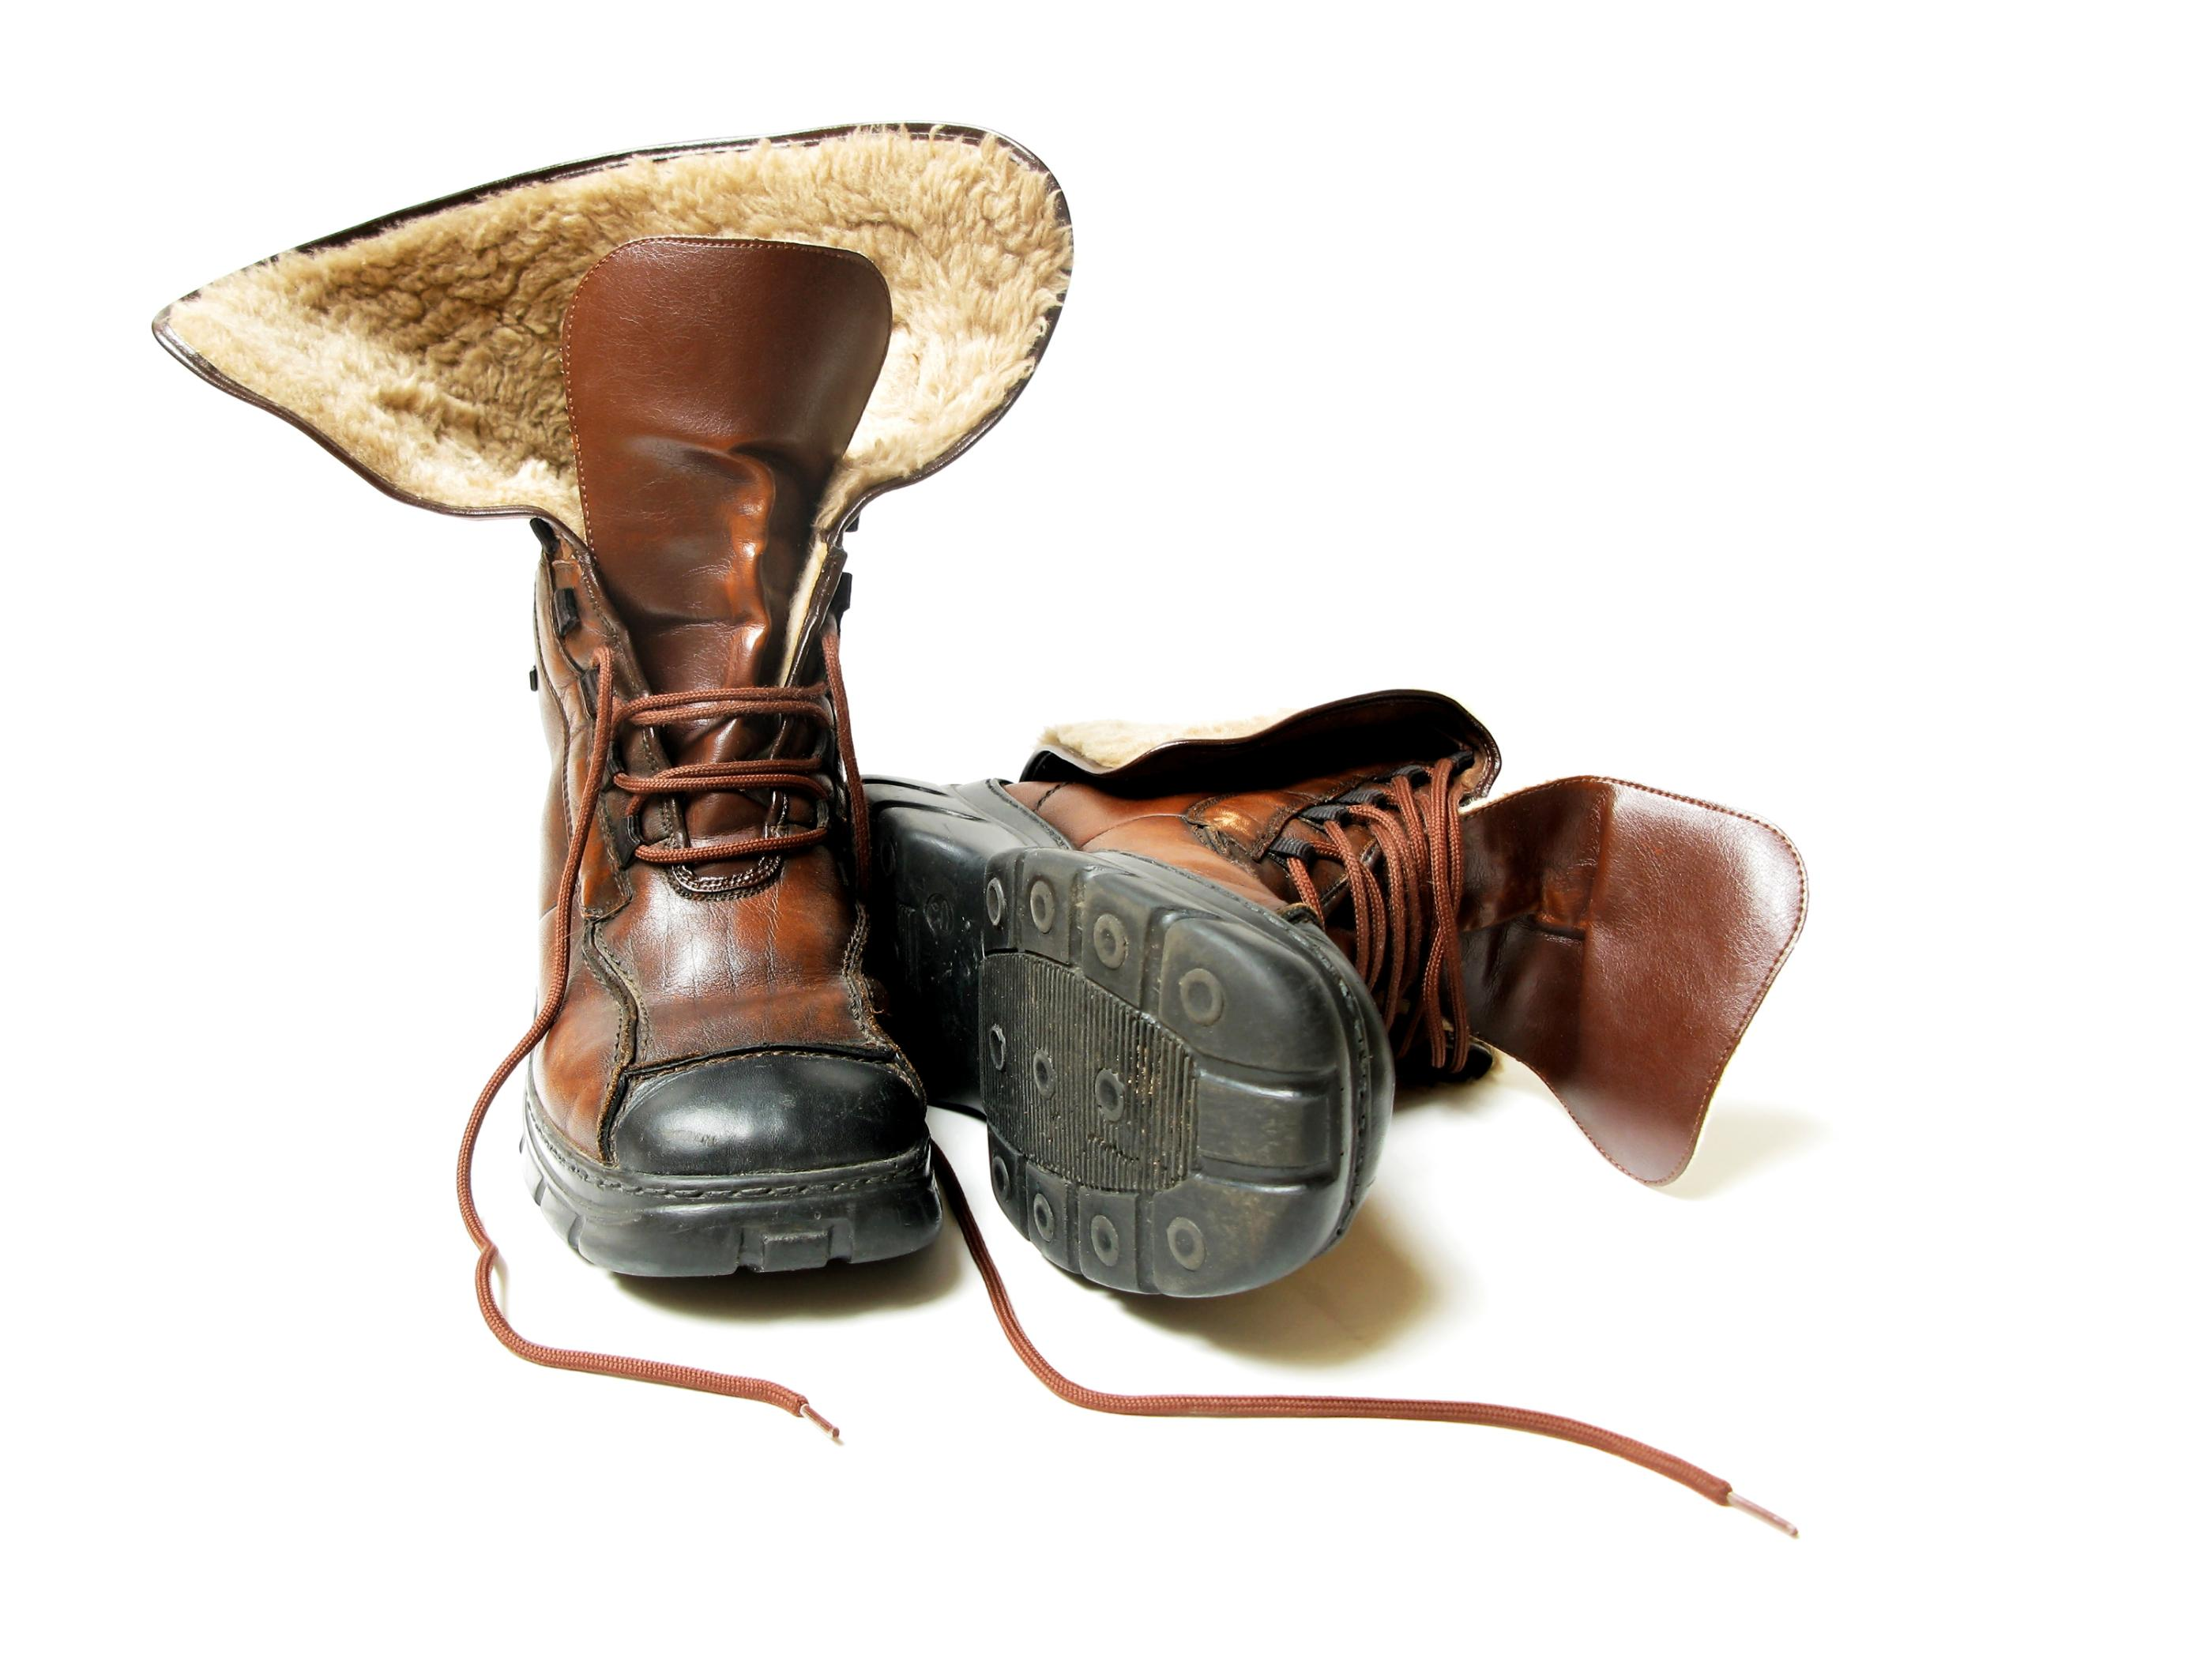 057b158bff888 Samostatnou kategóriou je obuv. Aj tu treba dodržiavať niekoľko základných  pravidiel. Ak sa už vyberiete v zime do hôr, mali by ste mať určite vysoké  ...